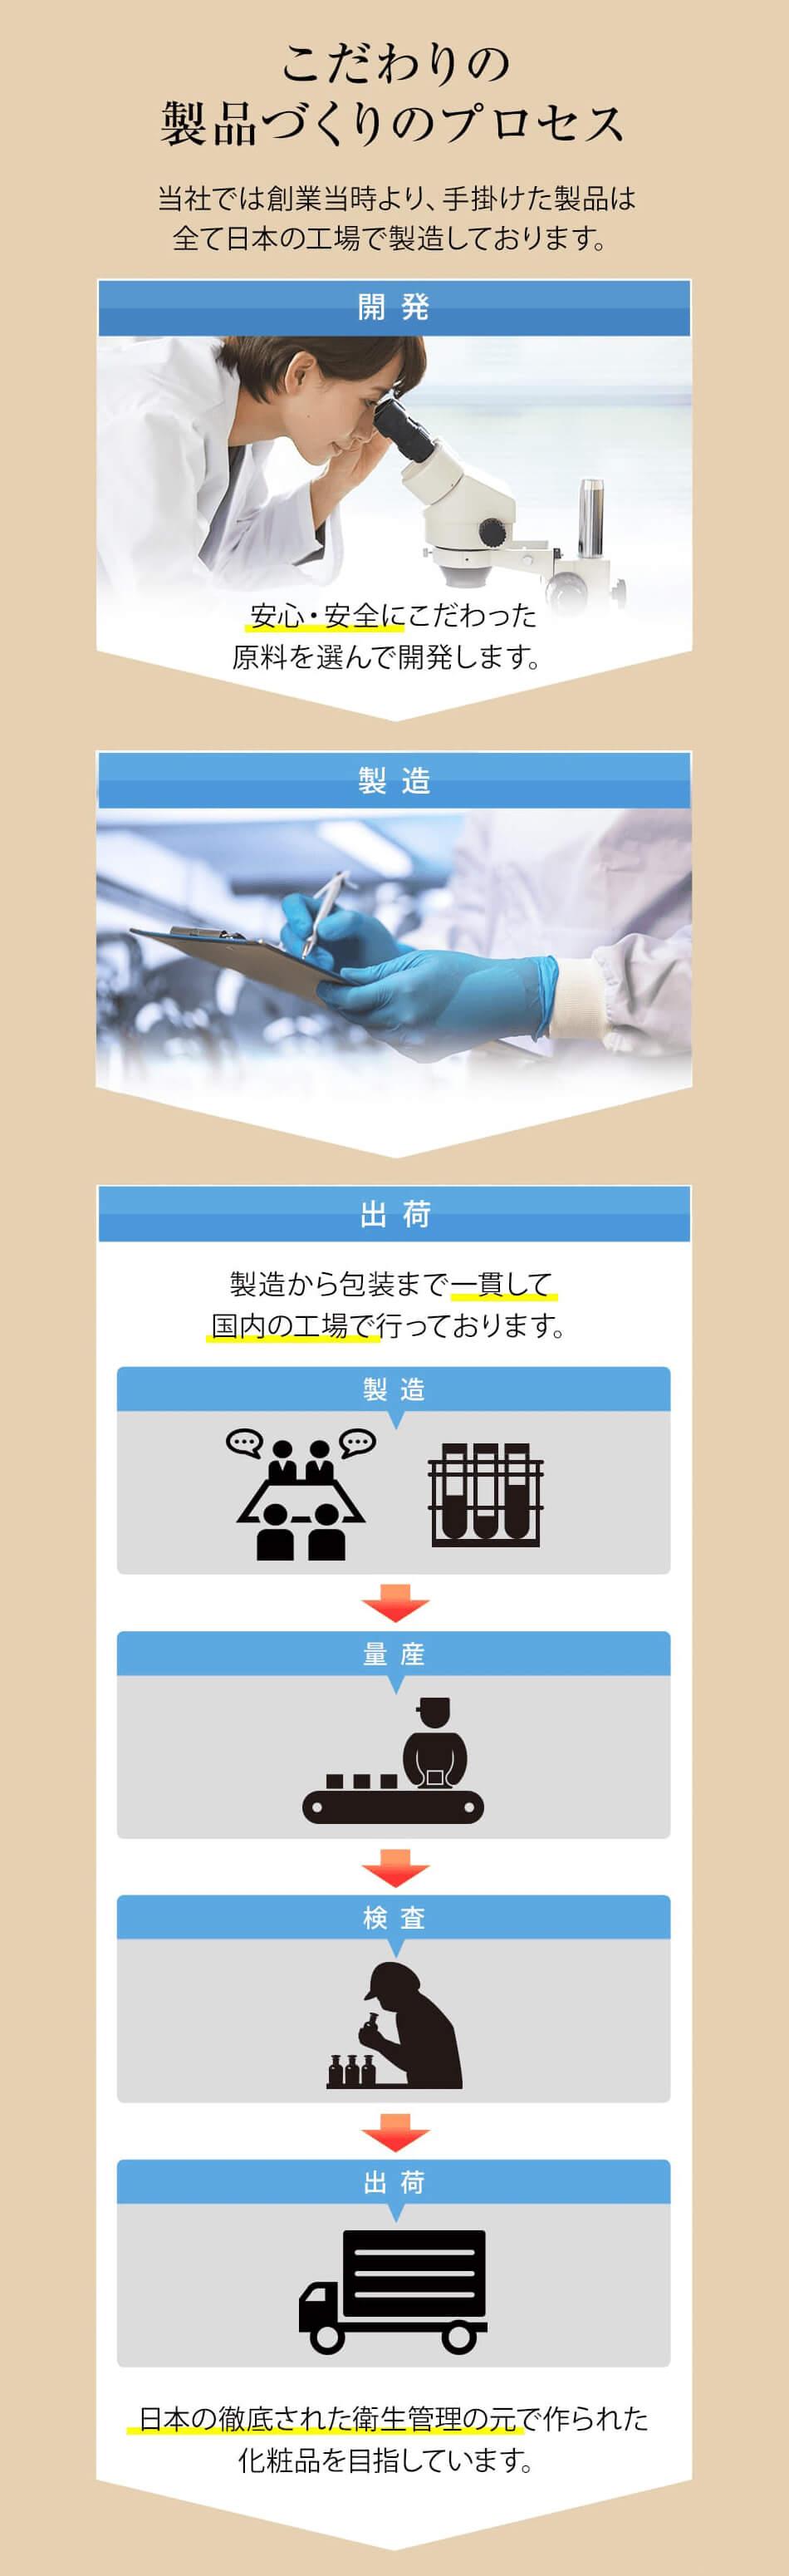 当社では創業当時より、手掛けた製品は全て日本の工場で製造しております。